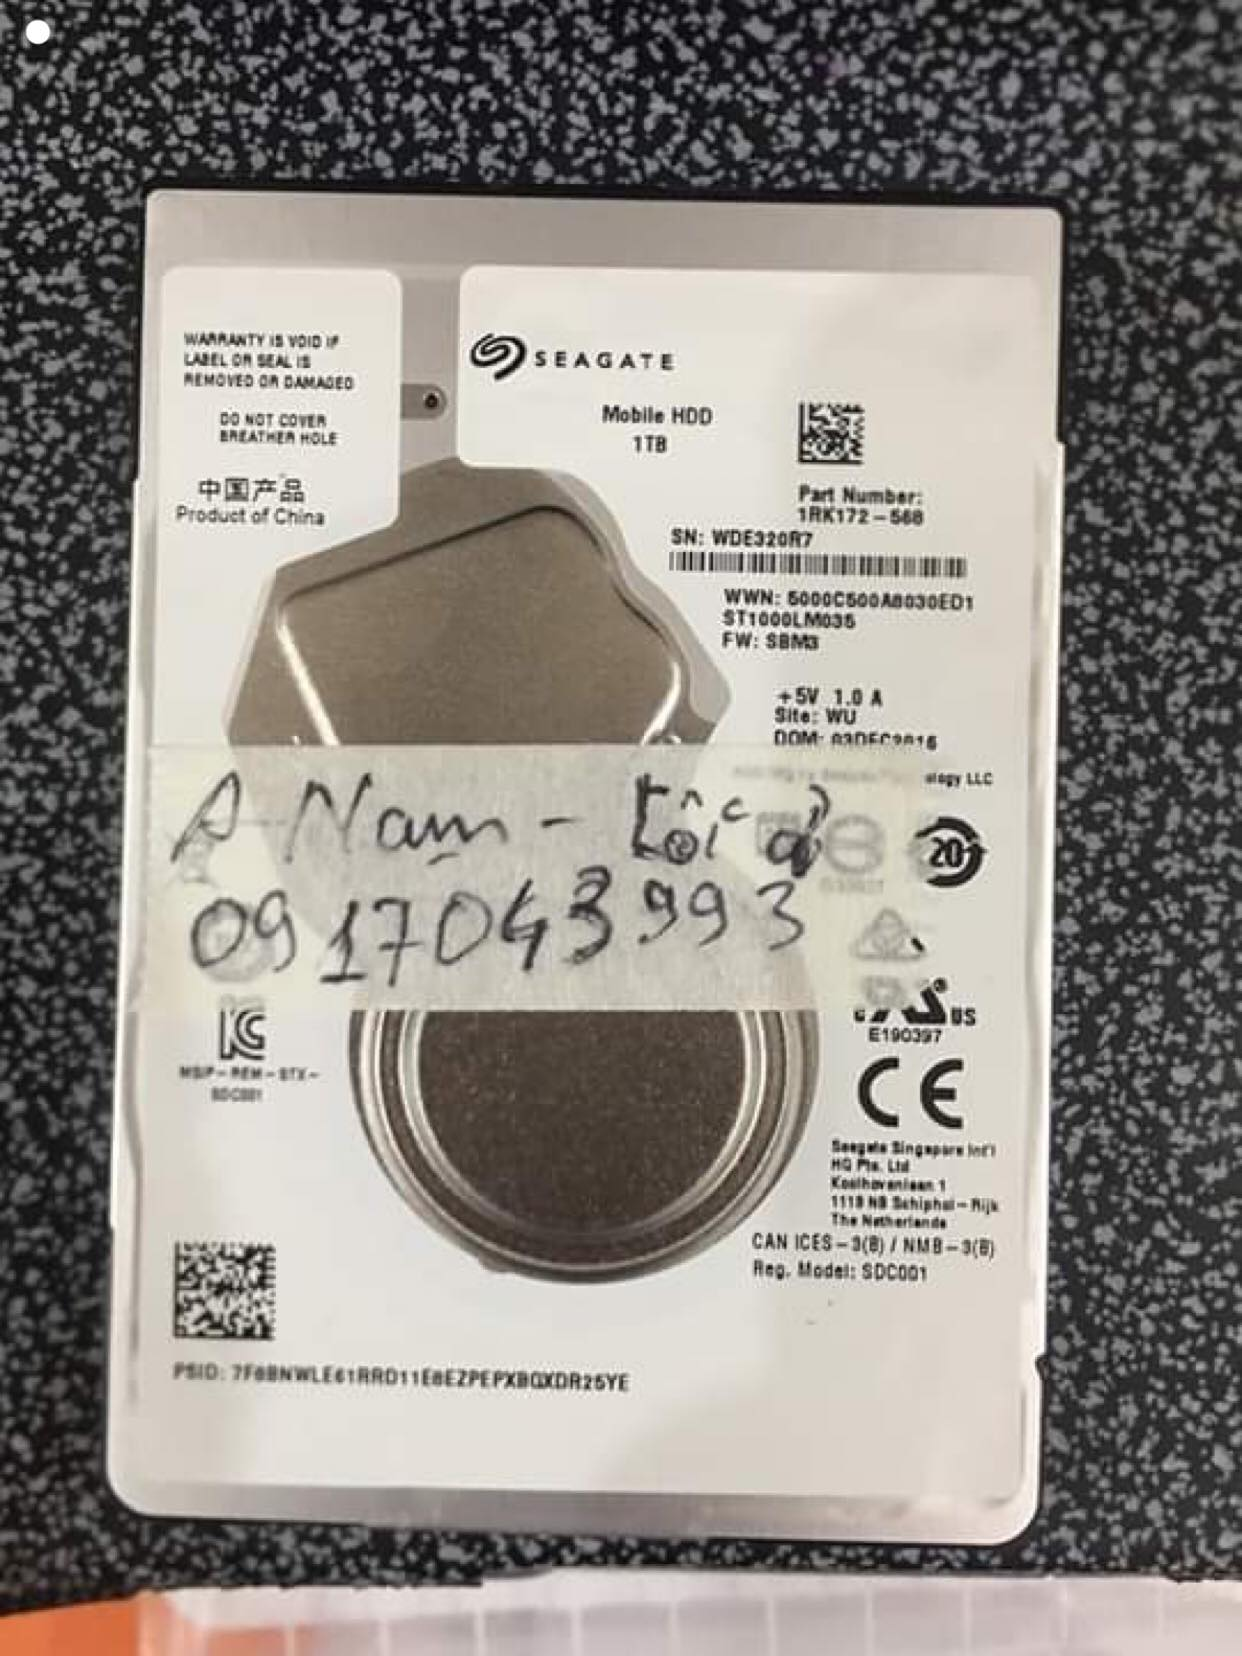 Phục hồi dữ liệu ổ cứng Seagate 1TB bó cơ 18/07/2019 - cuumaytinh